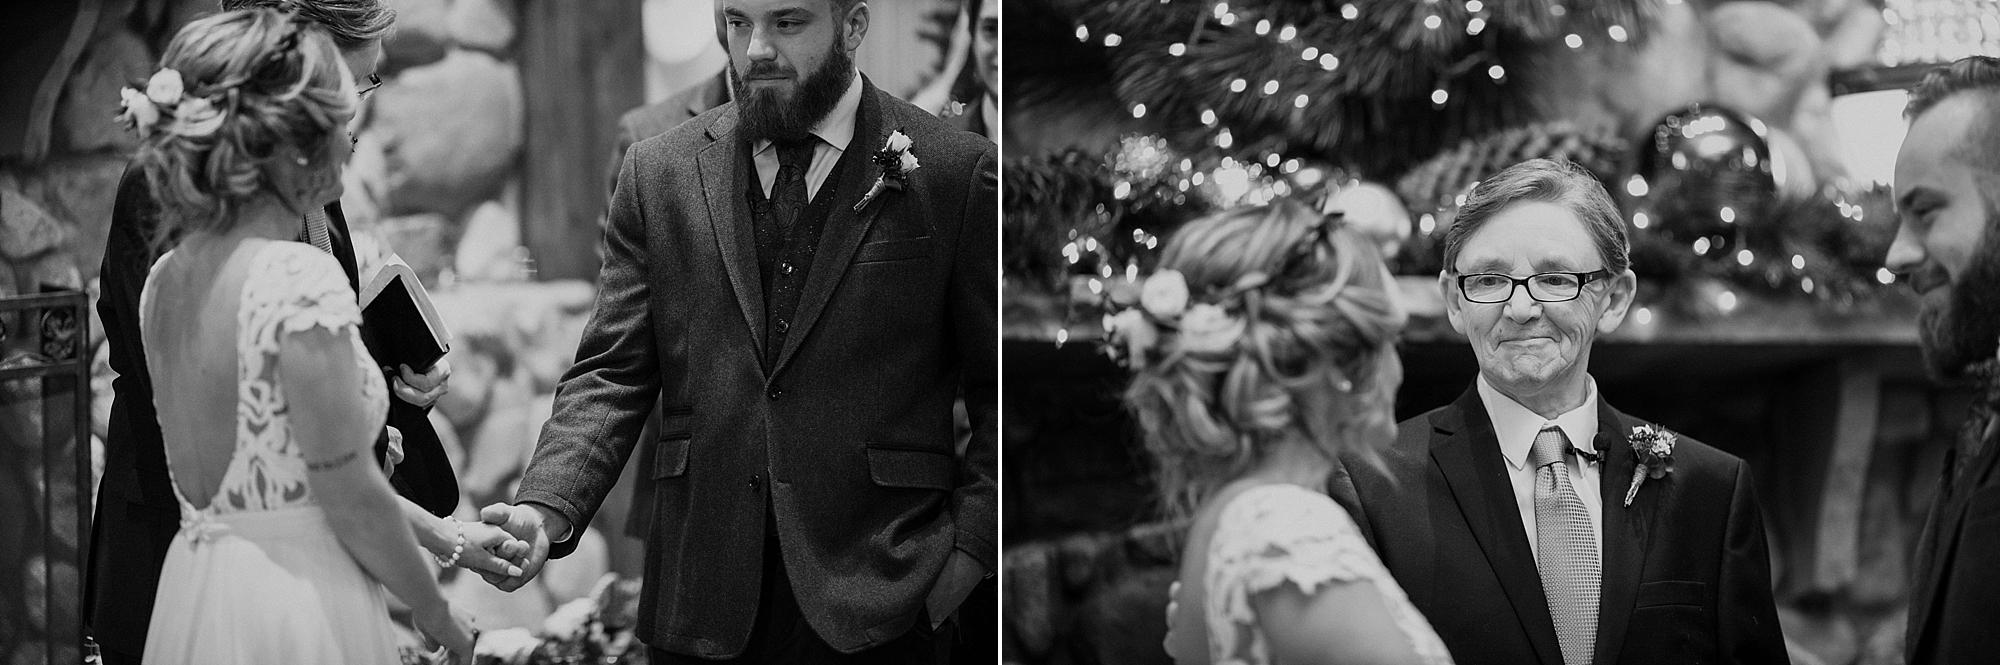 Tweaksbury-country-clup-wedding-41.jpg